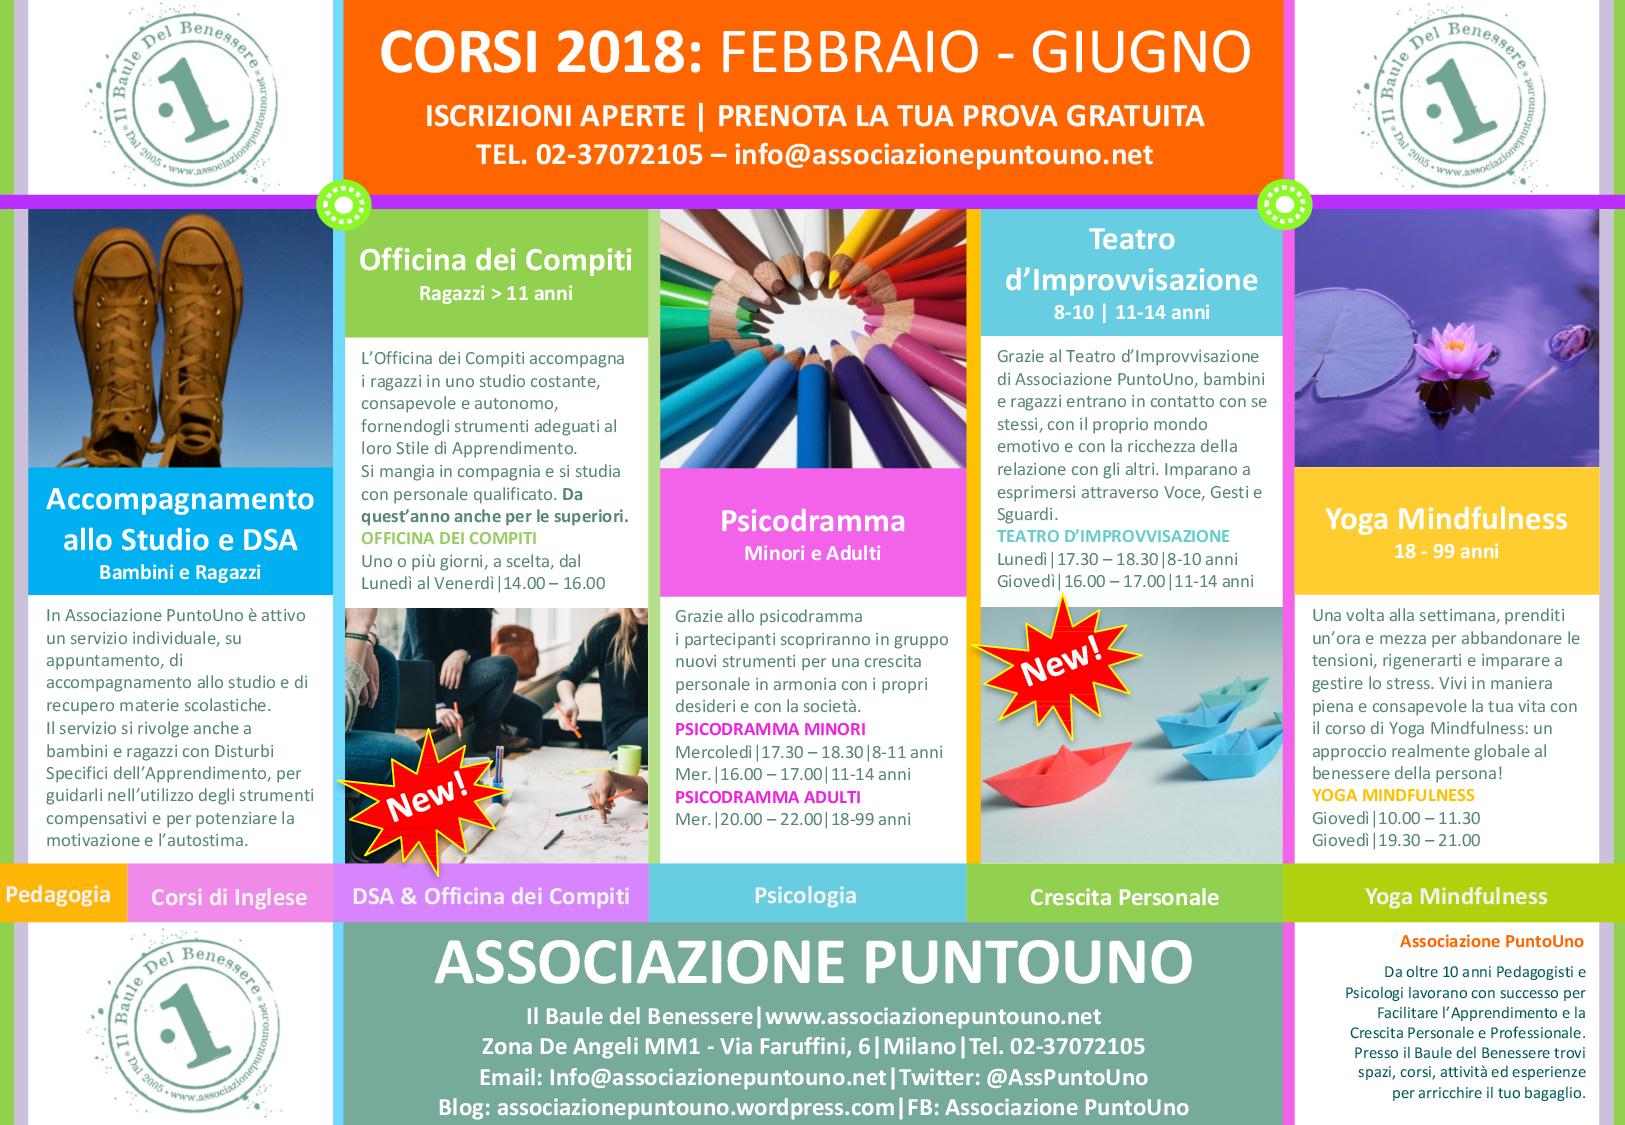 Associazione PuntoUno Corsi PuntoUno Secondo Quadrimestre 2017 2018 PAG2